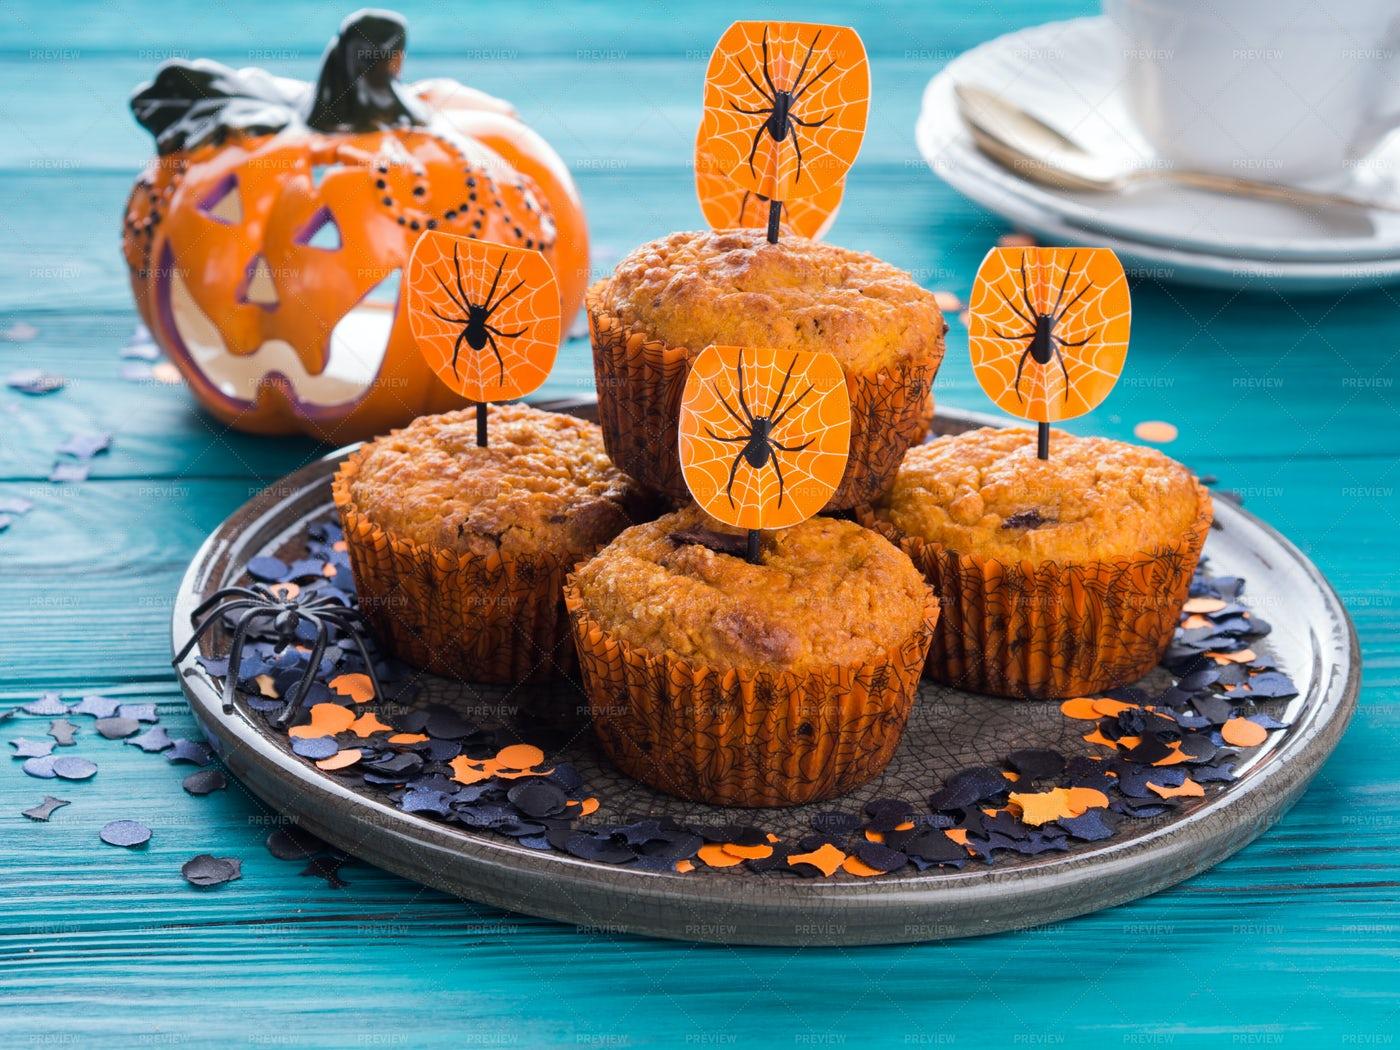 Pumpkin Muffins For Halloween: Stock Photos